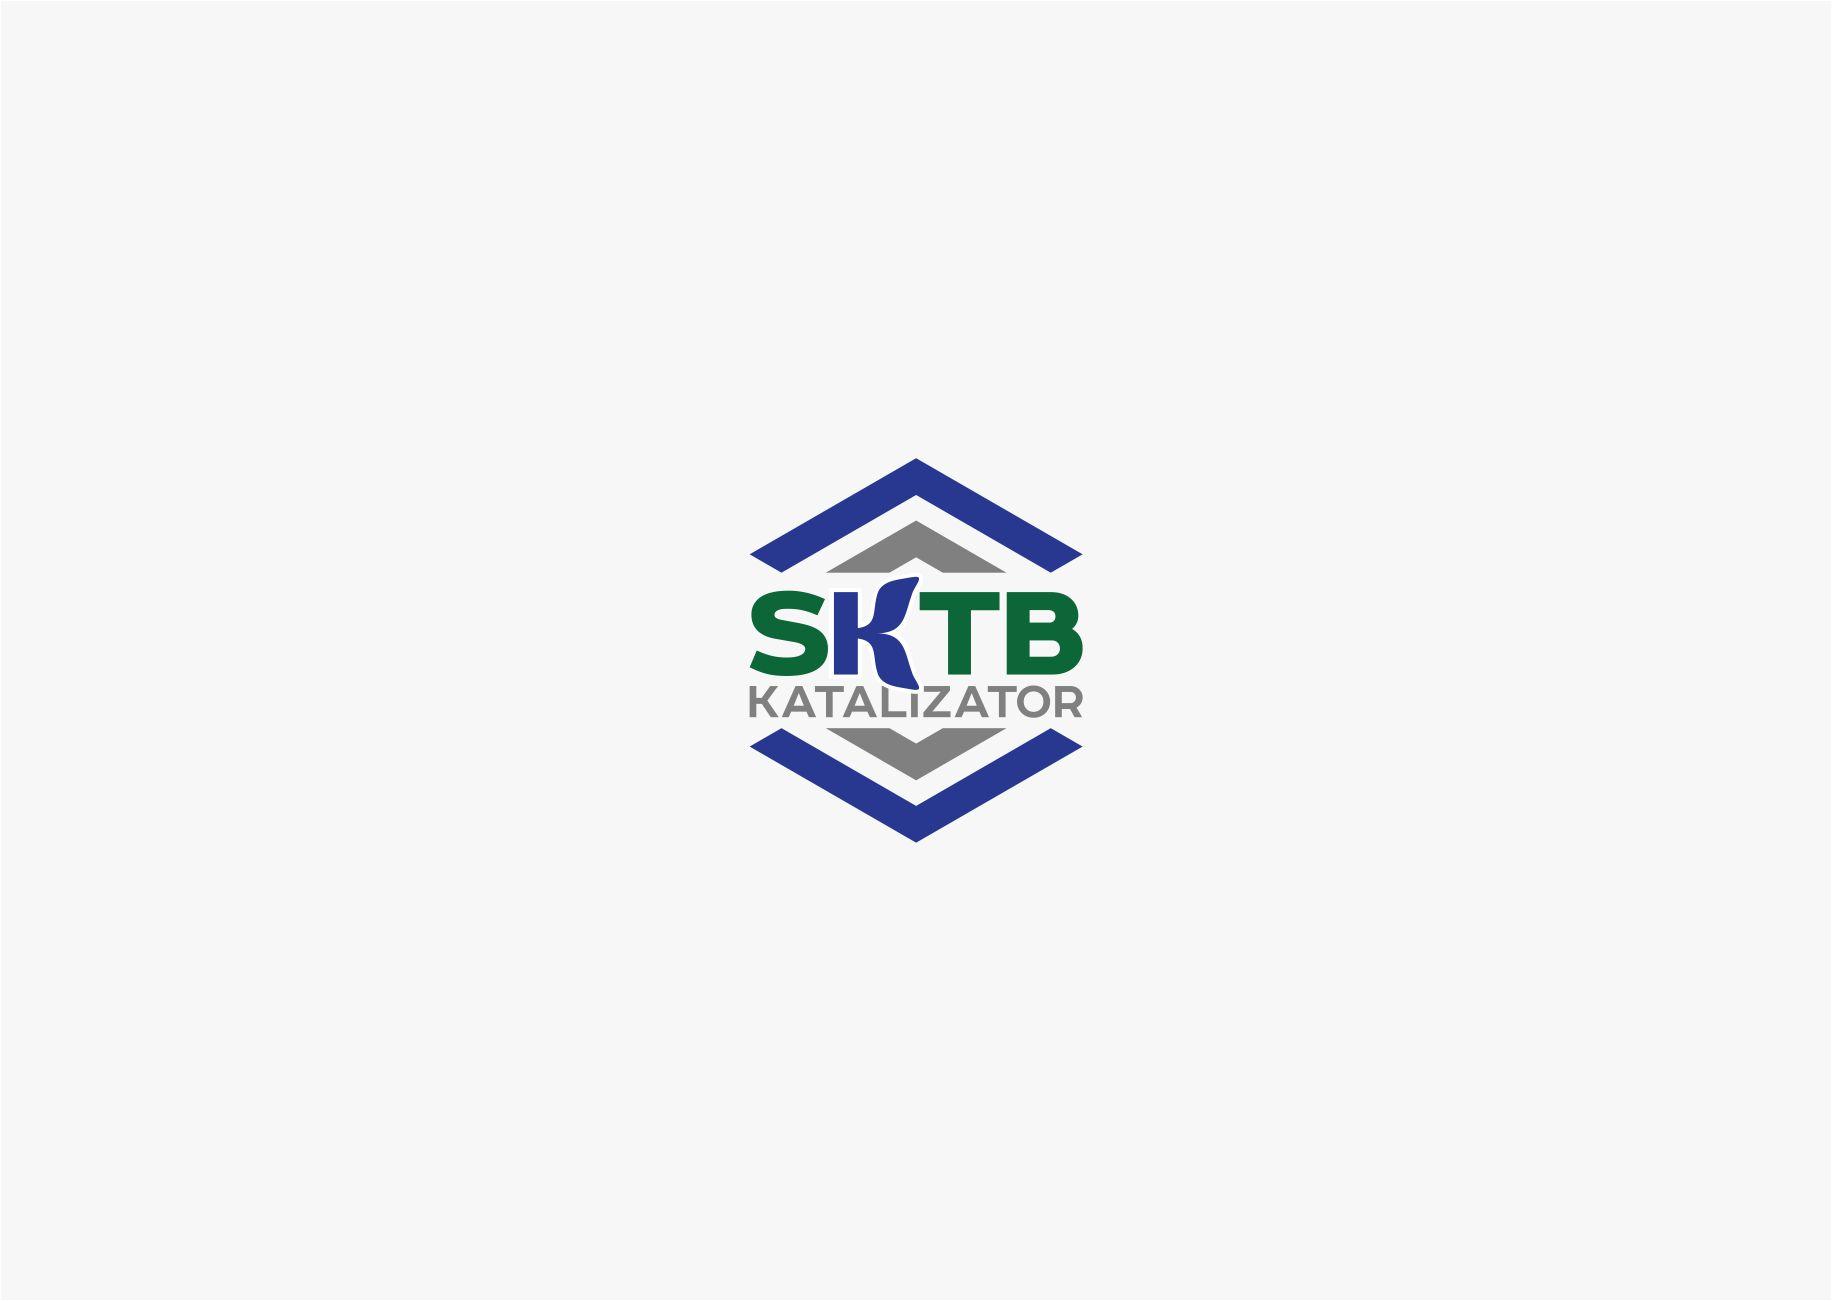 Разработка фирменного символа компании - касатки, НЕ ЛОГОТИП фото f_3125affd546607c1.jpg